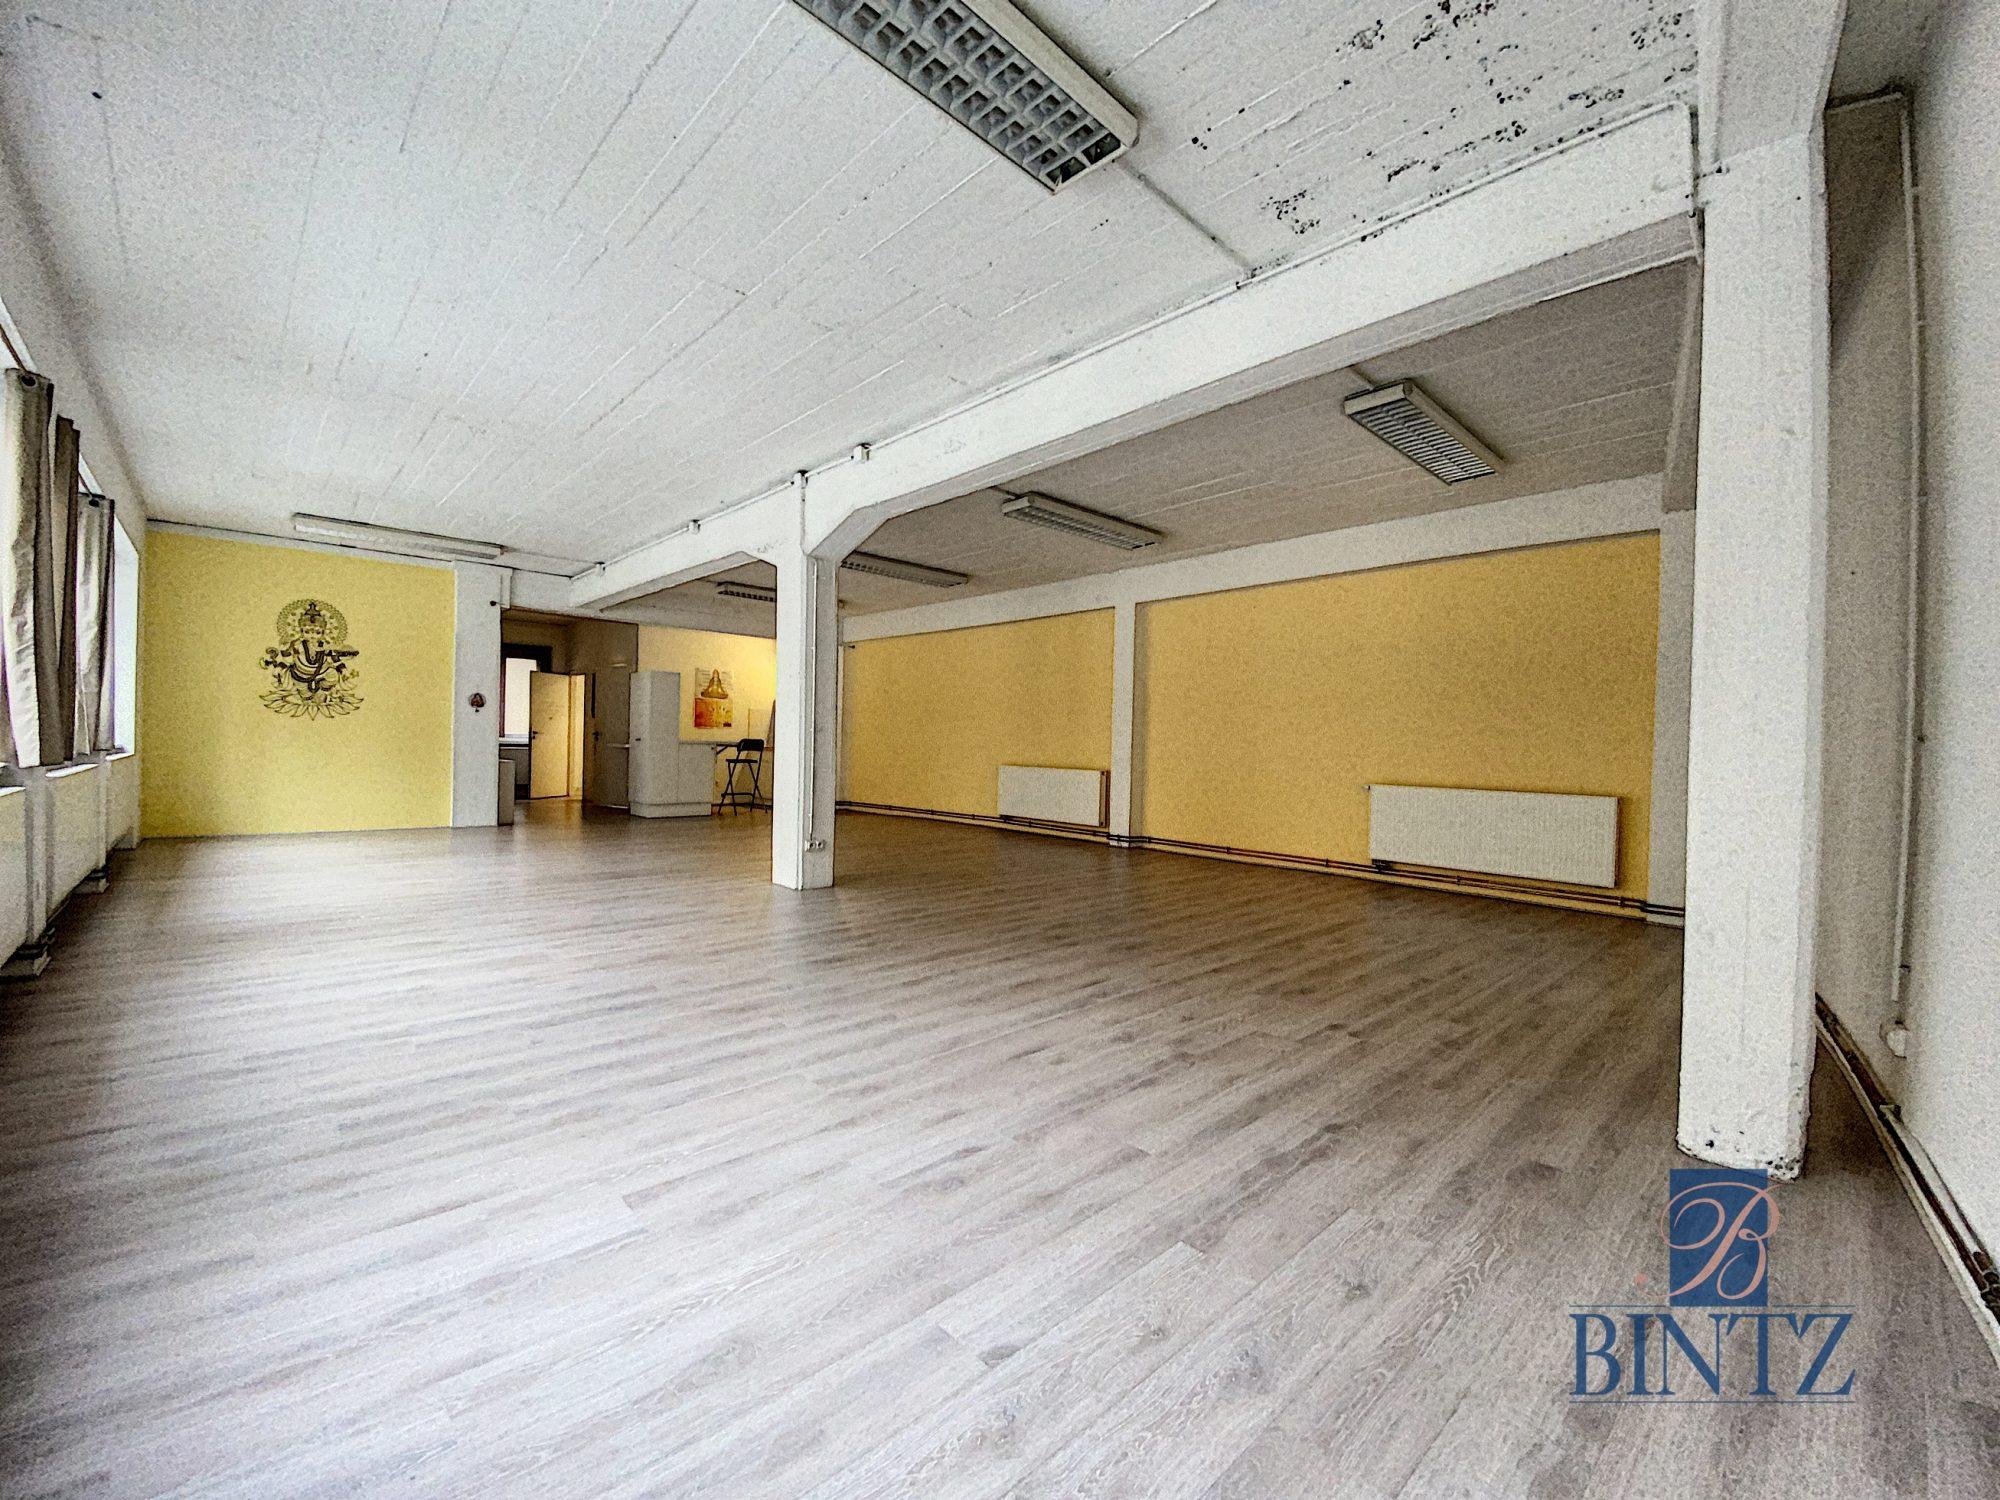 Plateau commercial à Louer Centre-ville - Devenez locataire en toute sérénité - Bintz Immobilier - 7